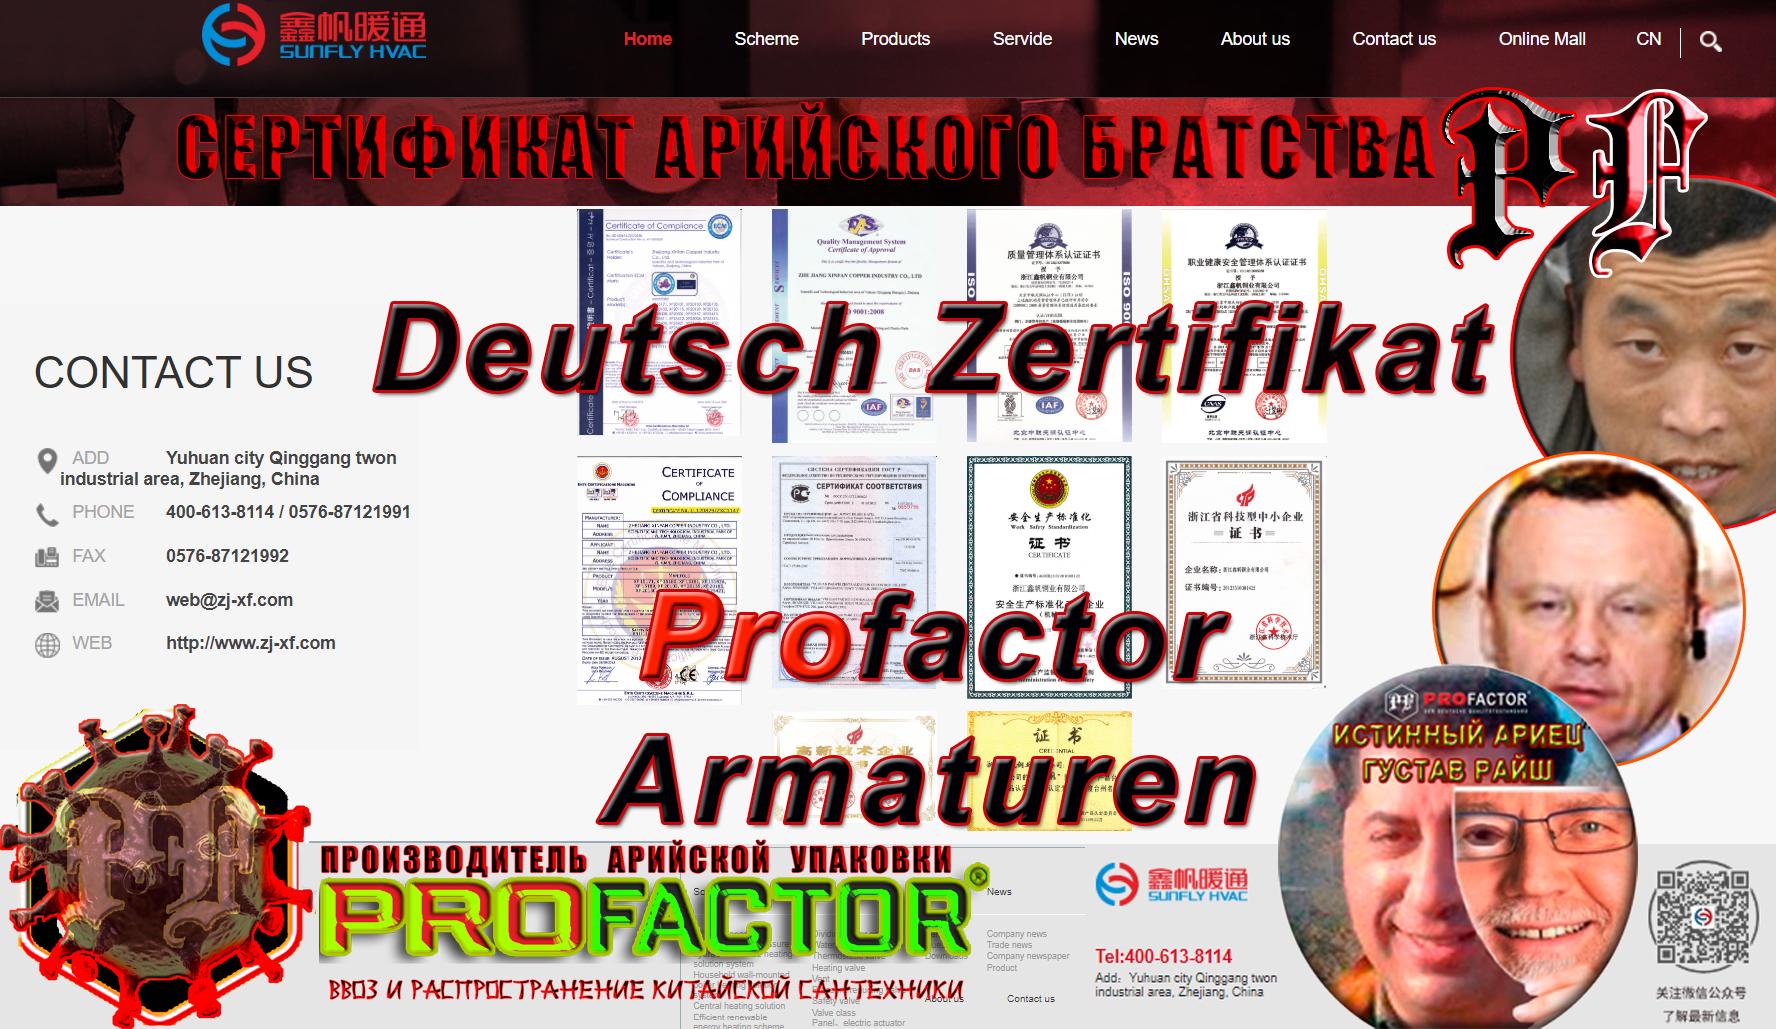 Профактор сертификат